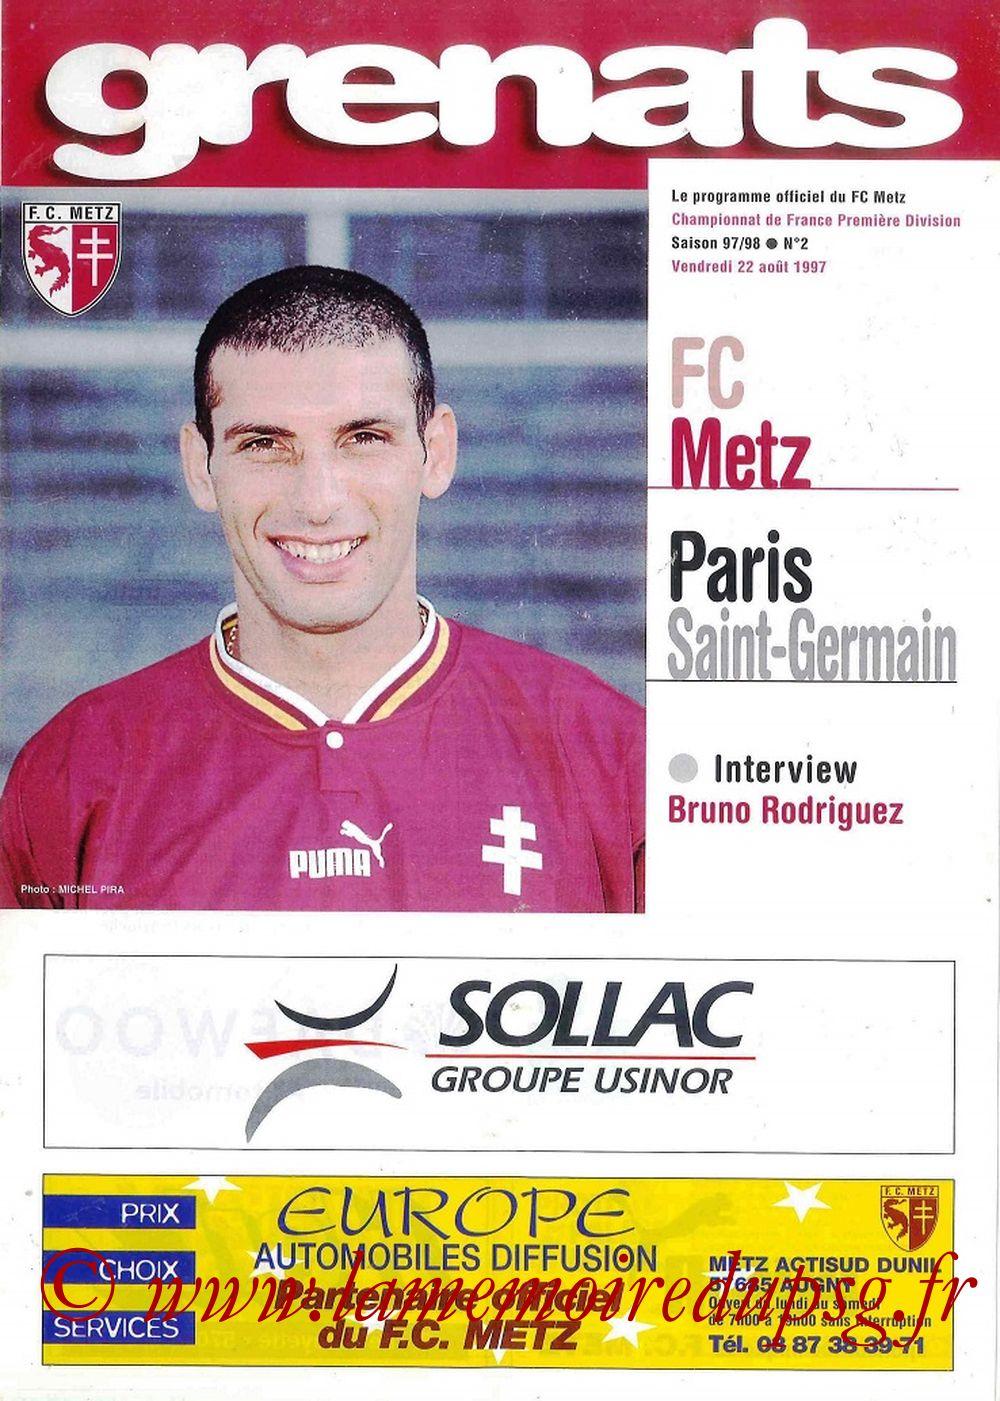 1997-08-22  Metz-PSG (4ème D1, Grenats N°2)